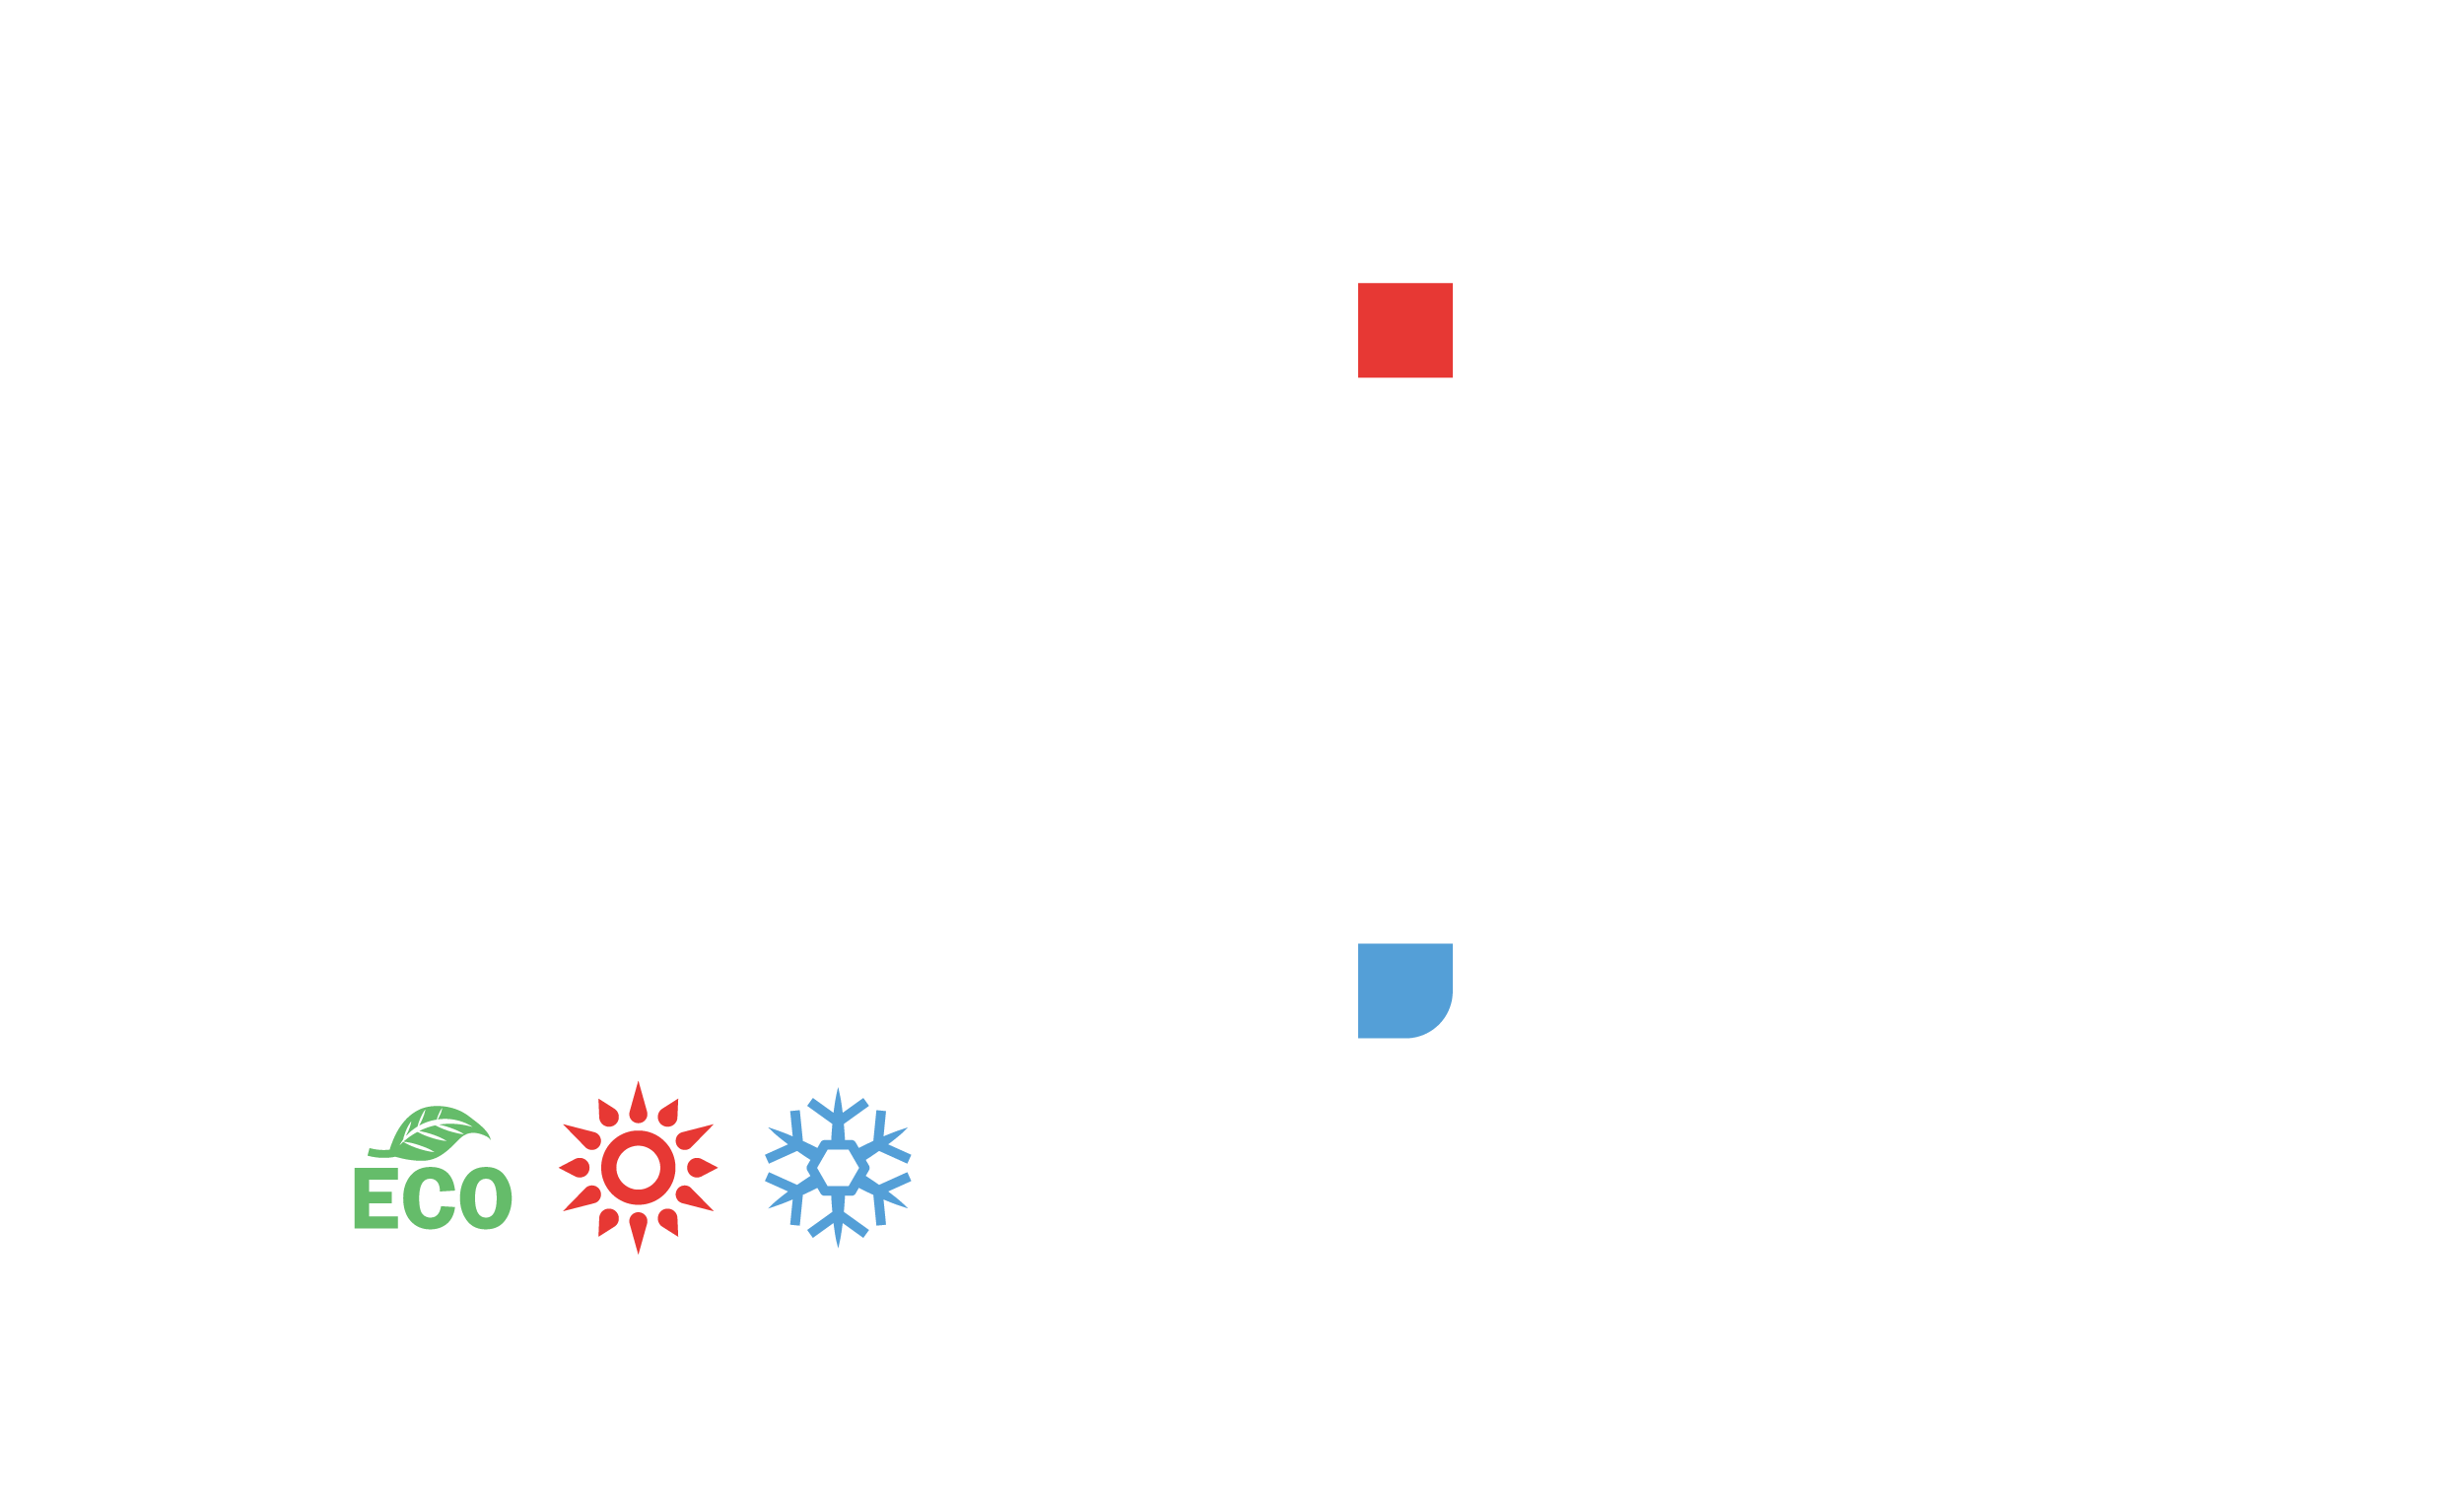 לוגו וייץ מיזוג אוויר בצבע לבן